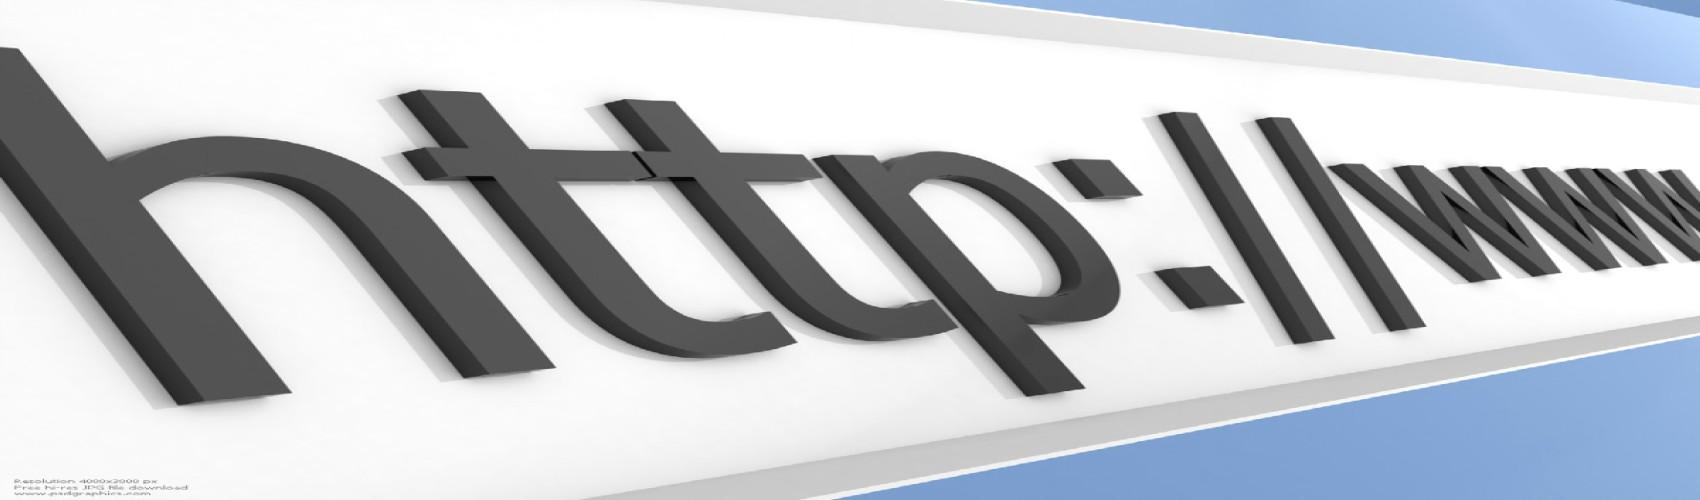 Sitio web para dentistas